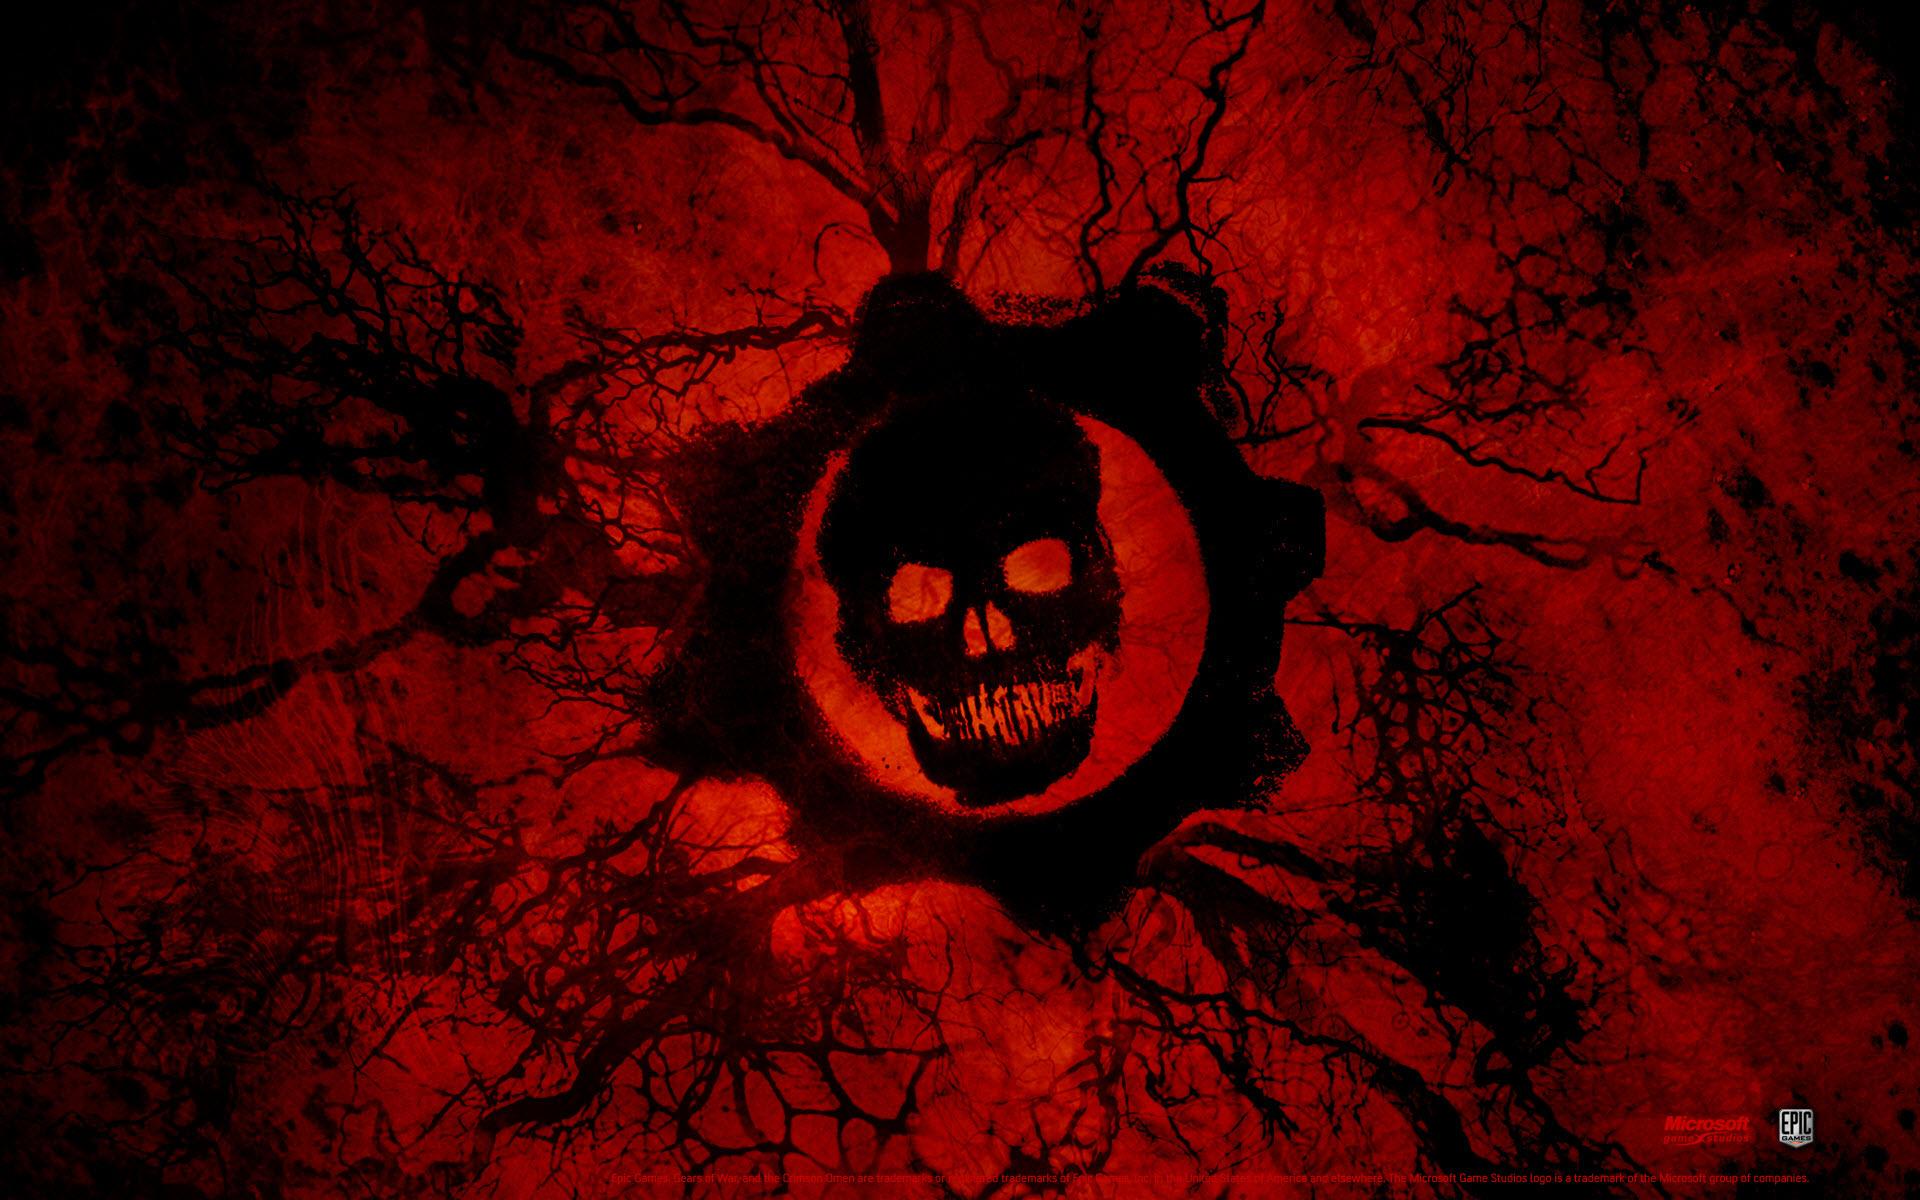 Gears-of-war-3-cover-art.jpg